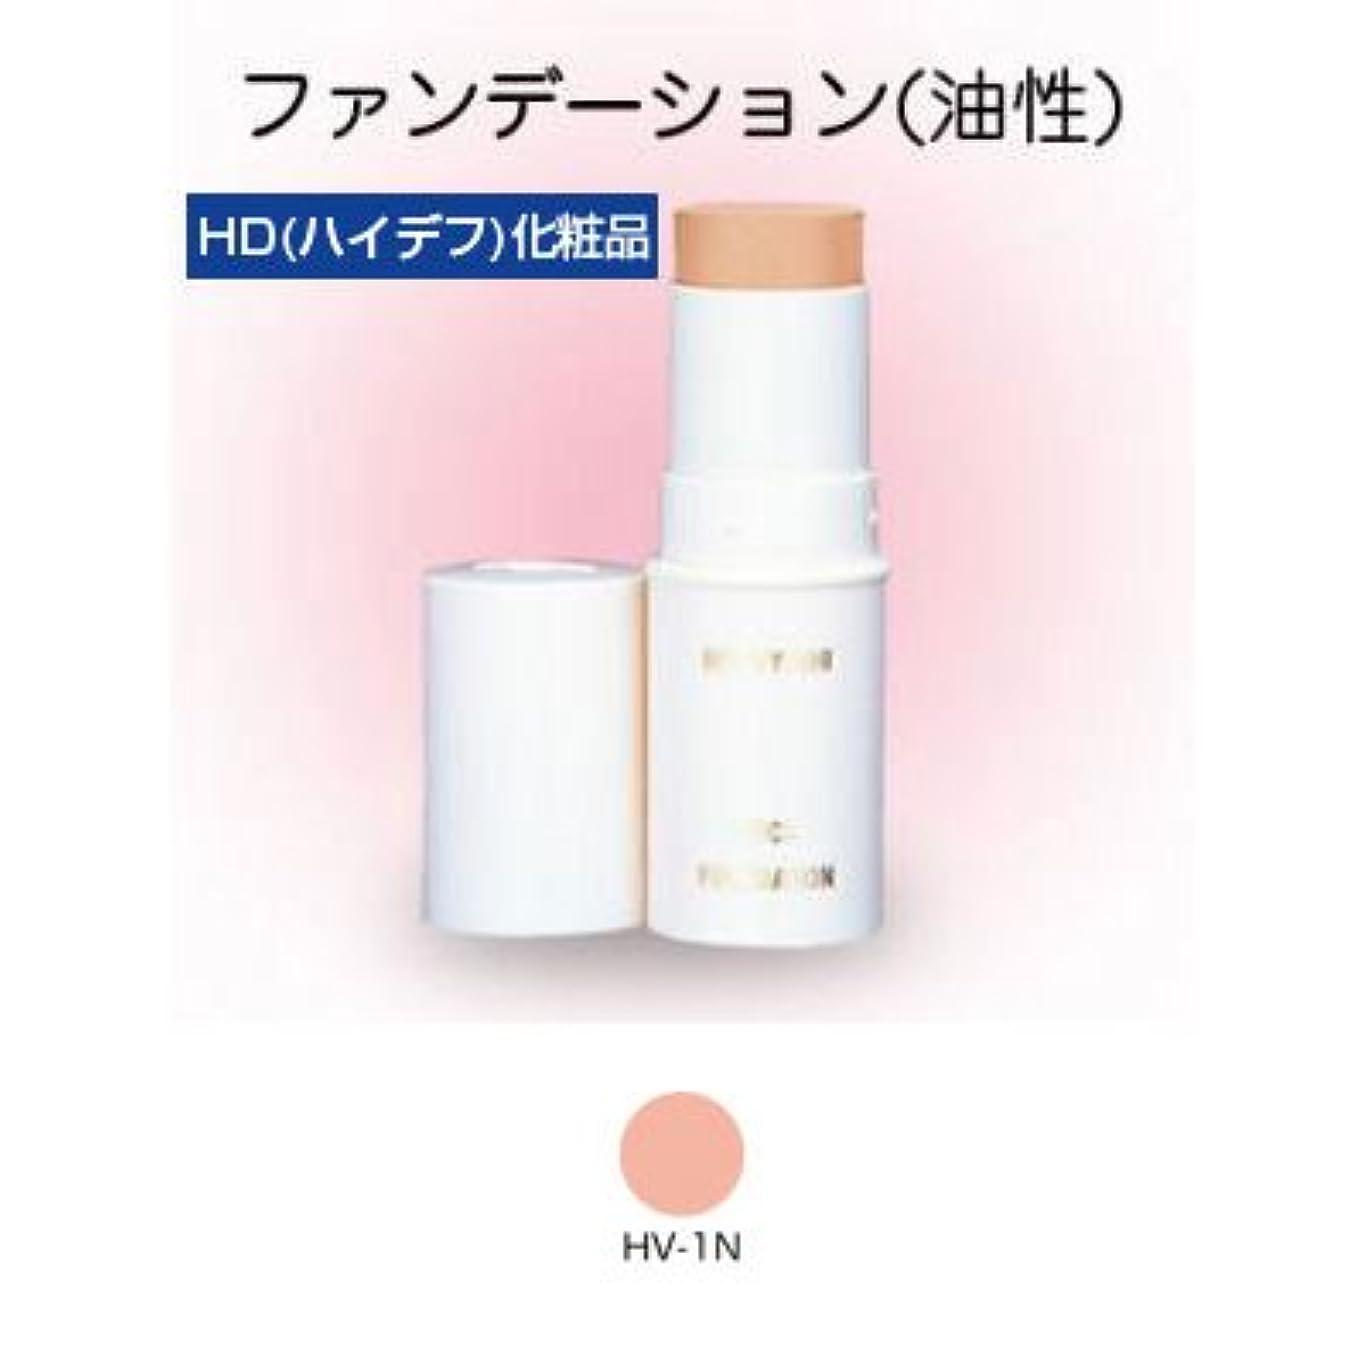 政治的保険ポンプスティックファンデーション HD化粧品 17g 1NY 【三善】